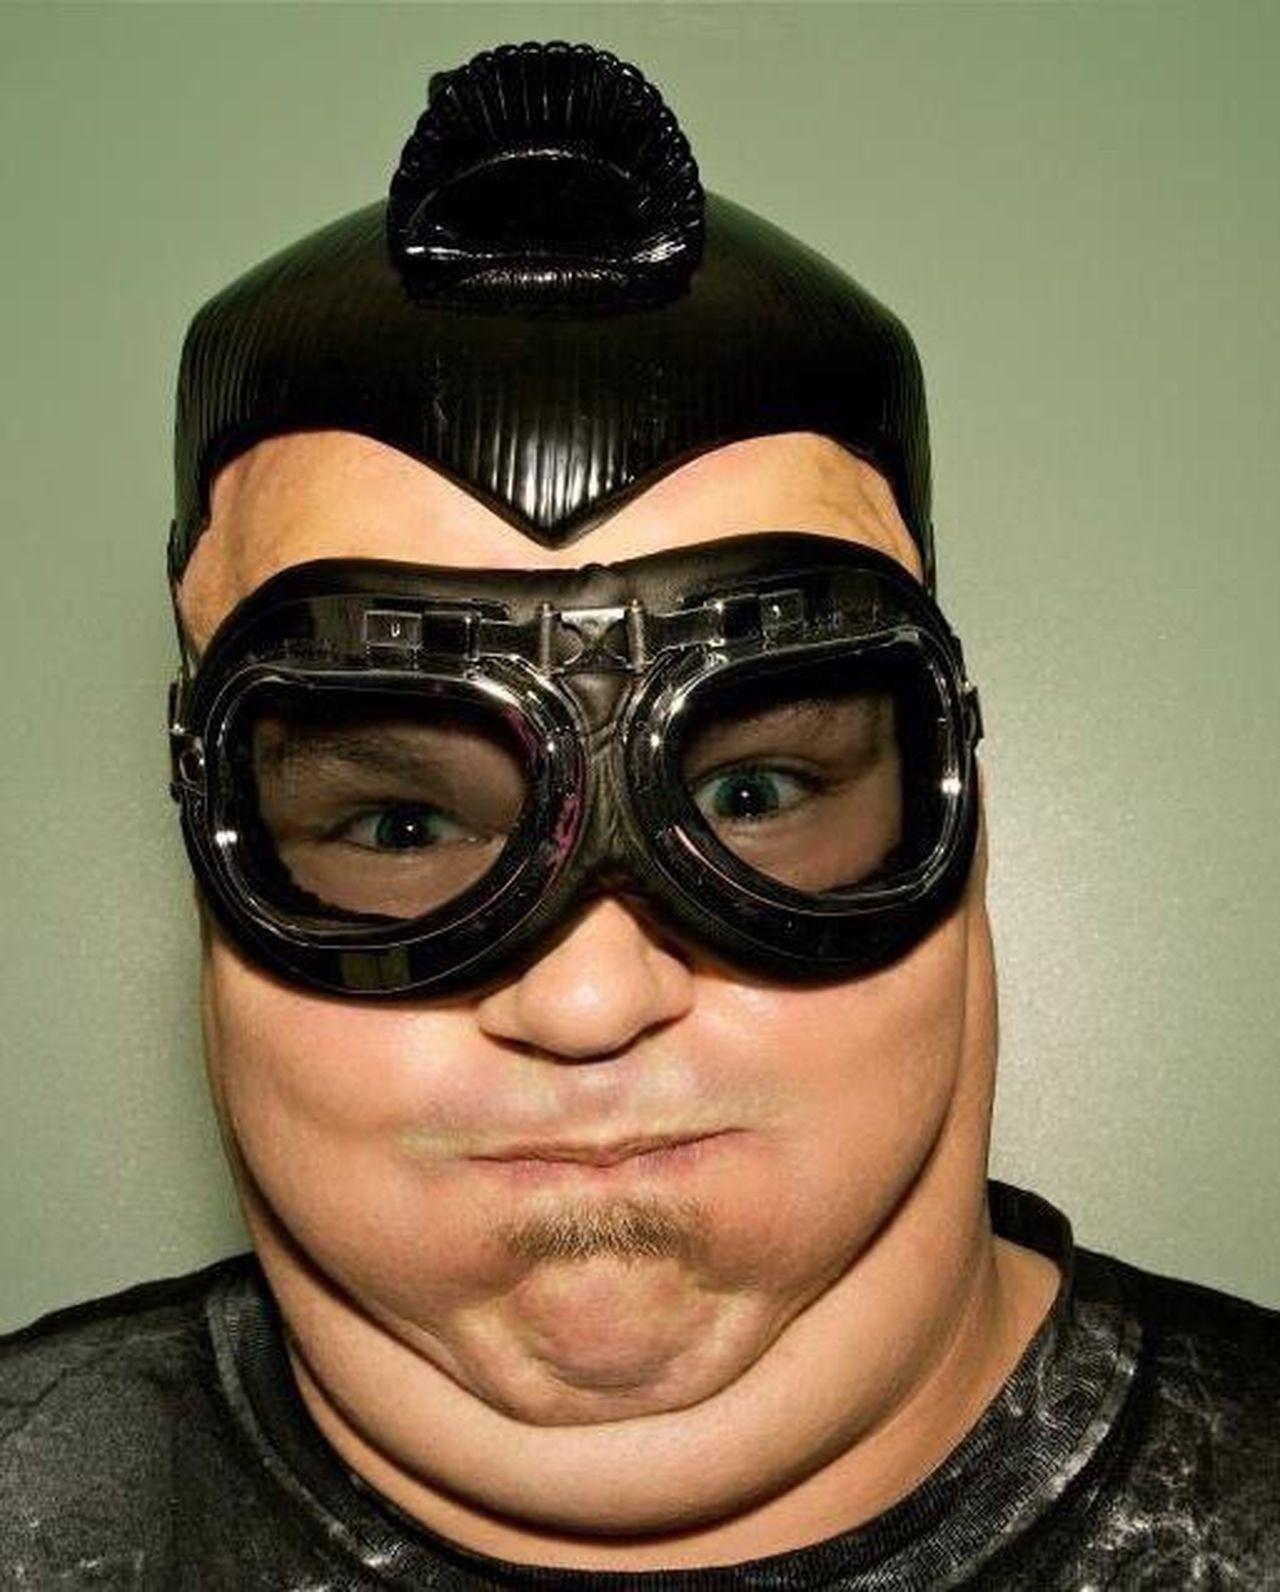 Selfi Man Getty Images EyeEm Best Edits Portrait Model Silly Travel